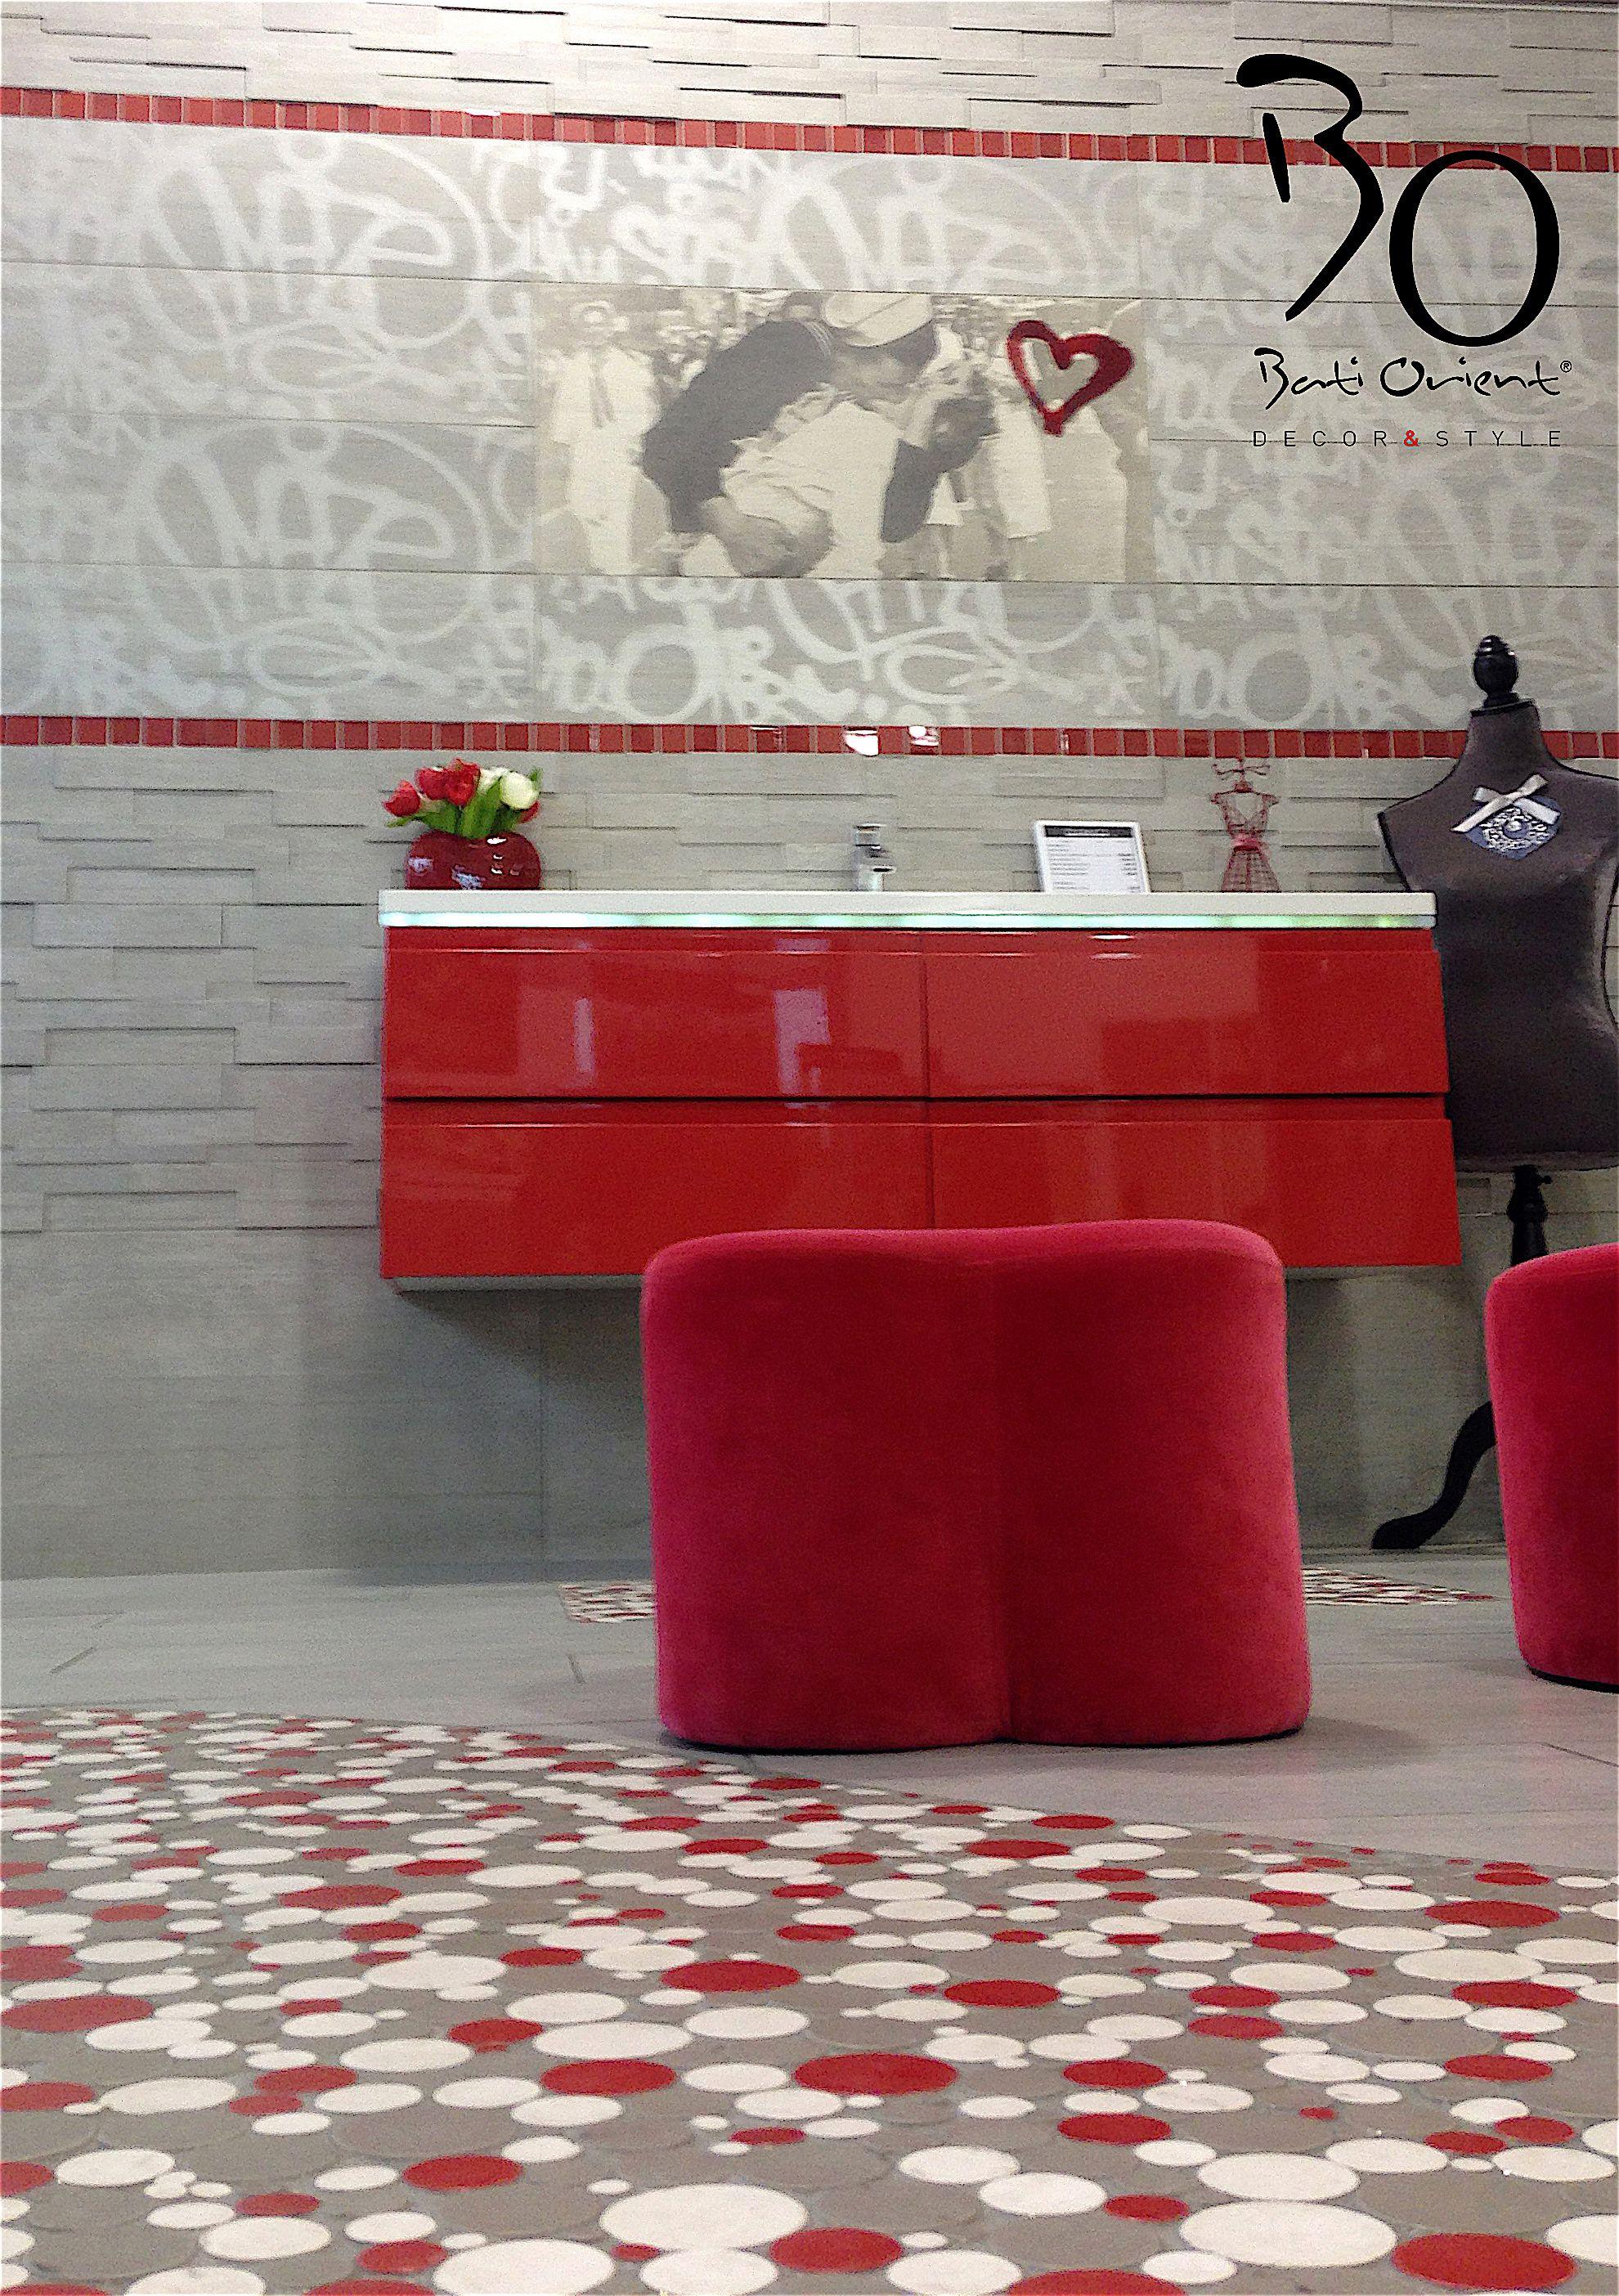 batiorient propose un sol de salle de bain en mosaque blanc gris rouge - Mosaique Salle De Bain Rouge